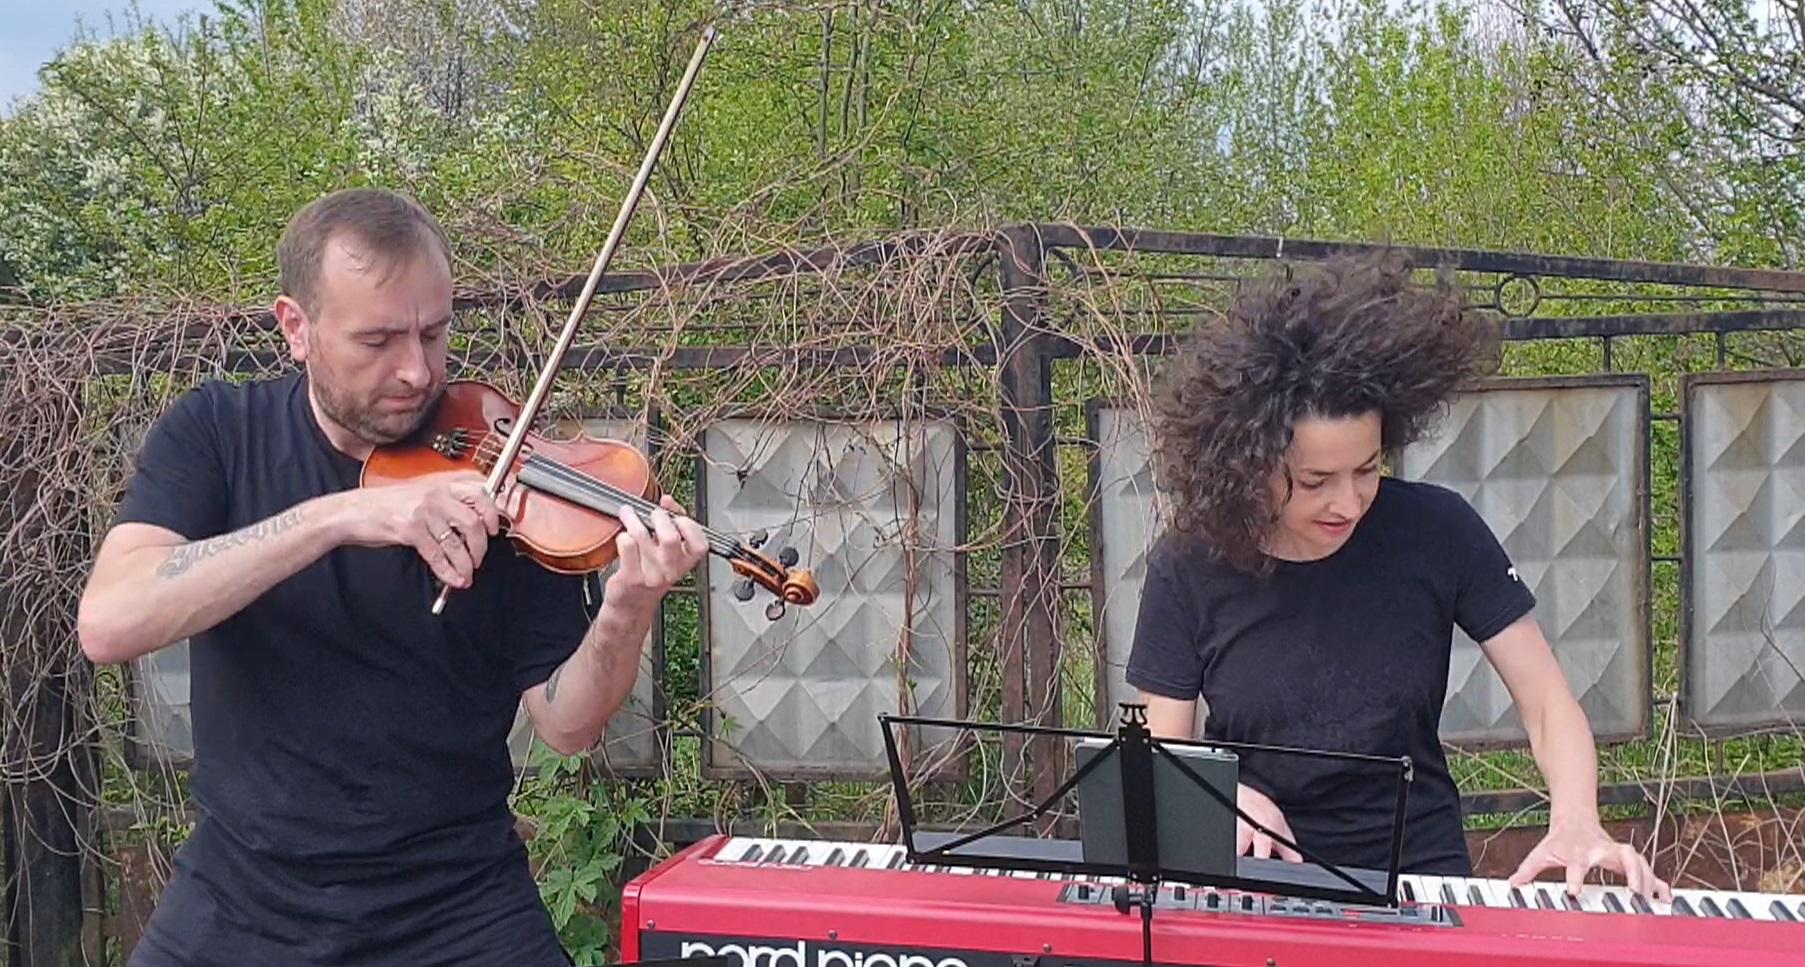 Кавер пісні Rammstein на скрипці і фортепіано заграли львівські музиканти